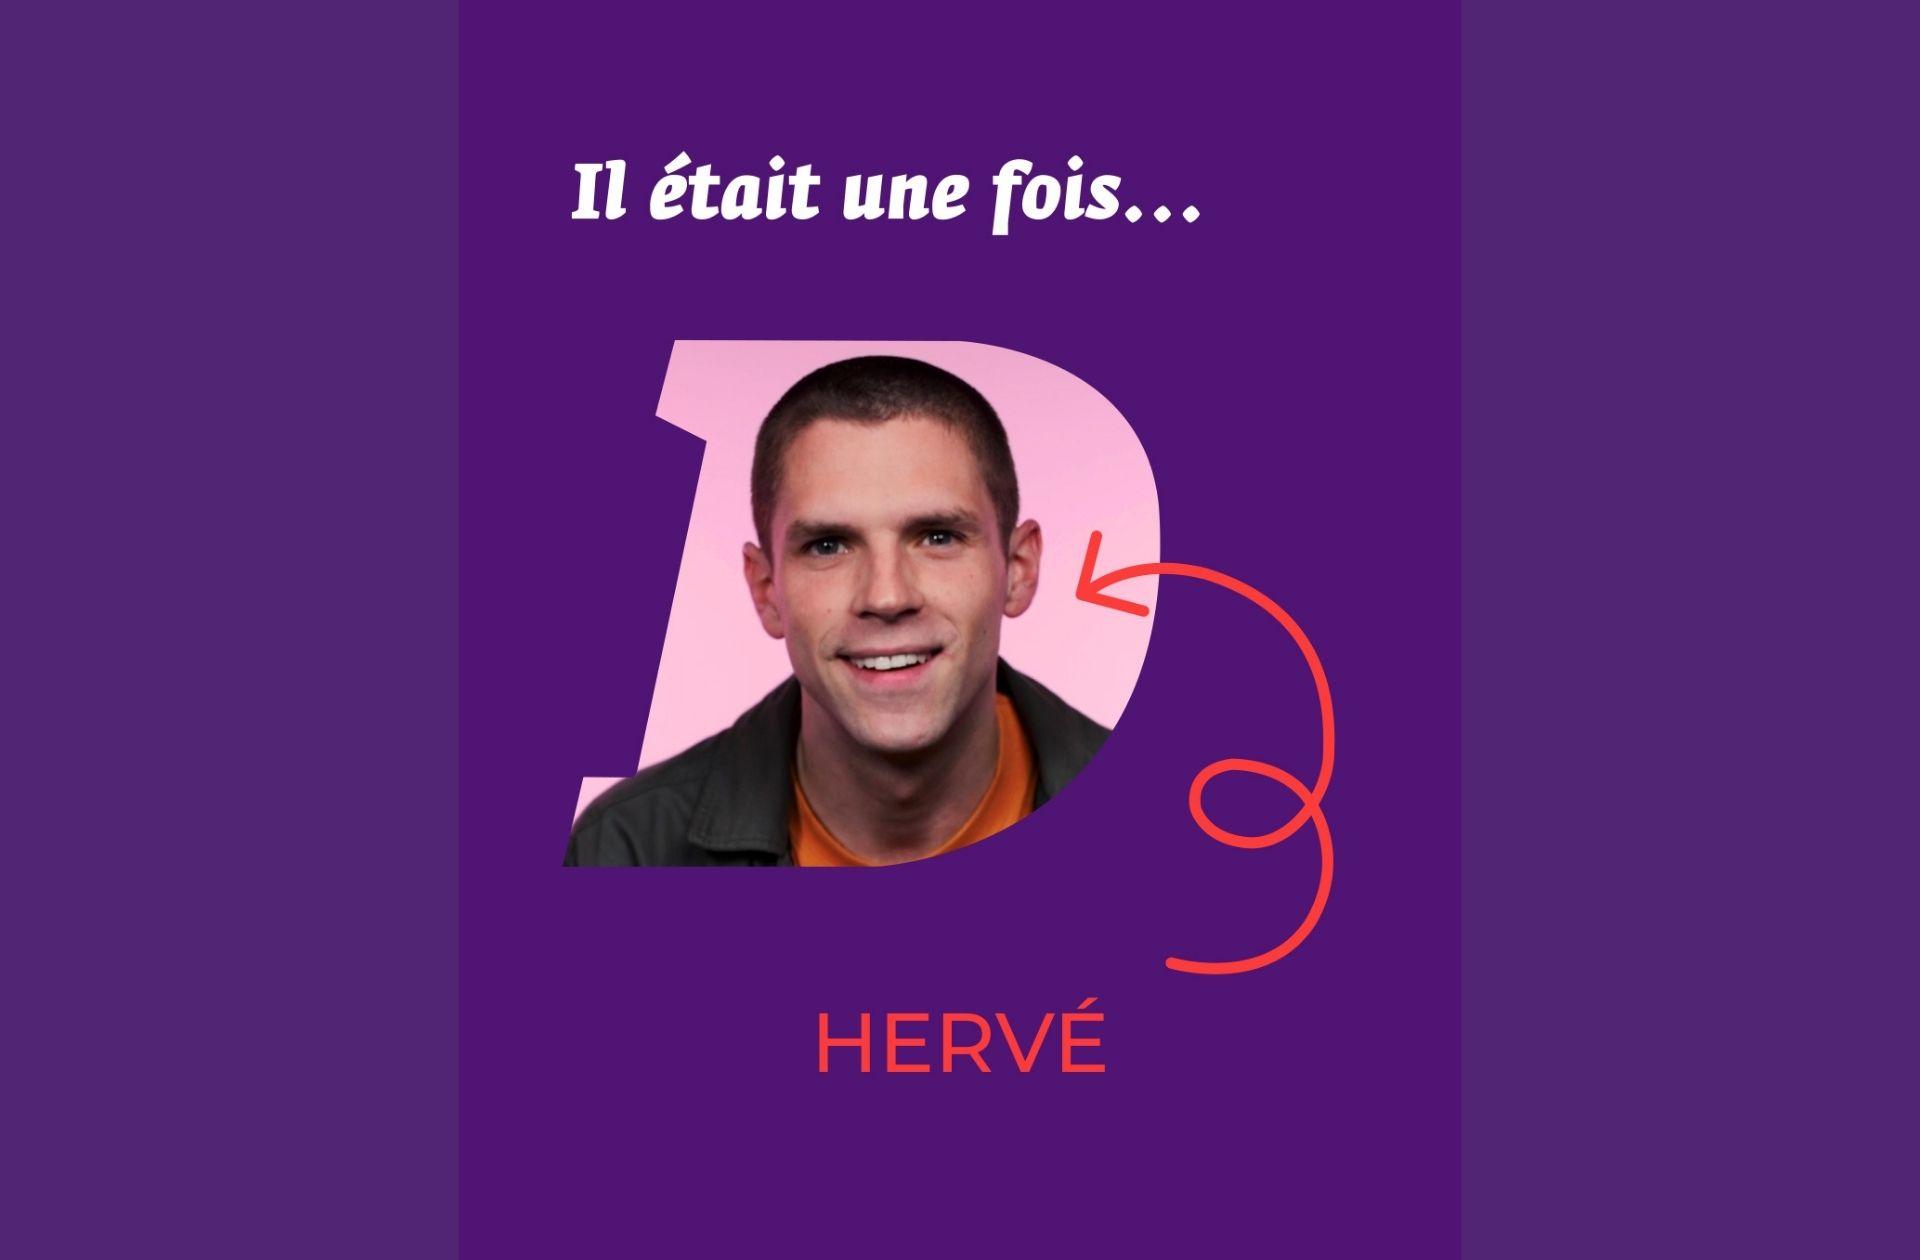 « J'ai pas envie d'être un adulte, laissez-moi tranquille » : Hervé raconte son enfance